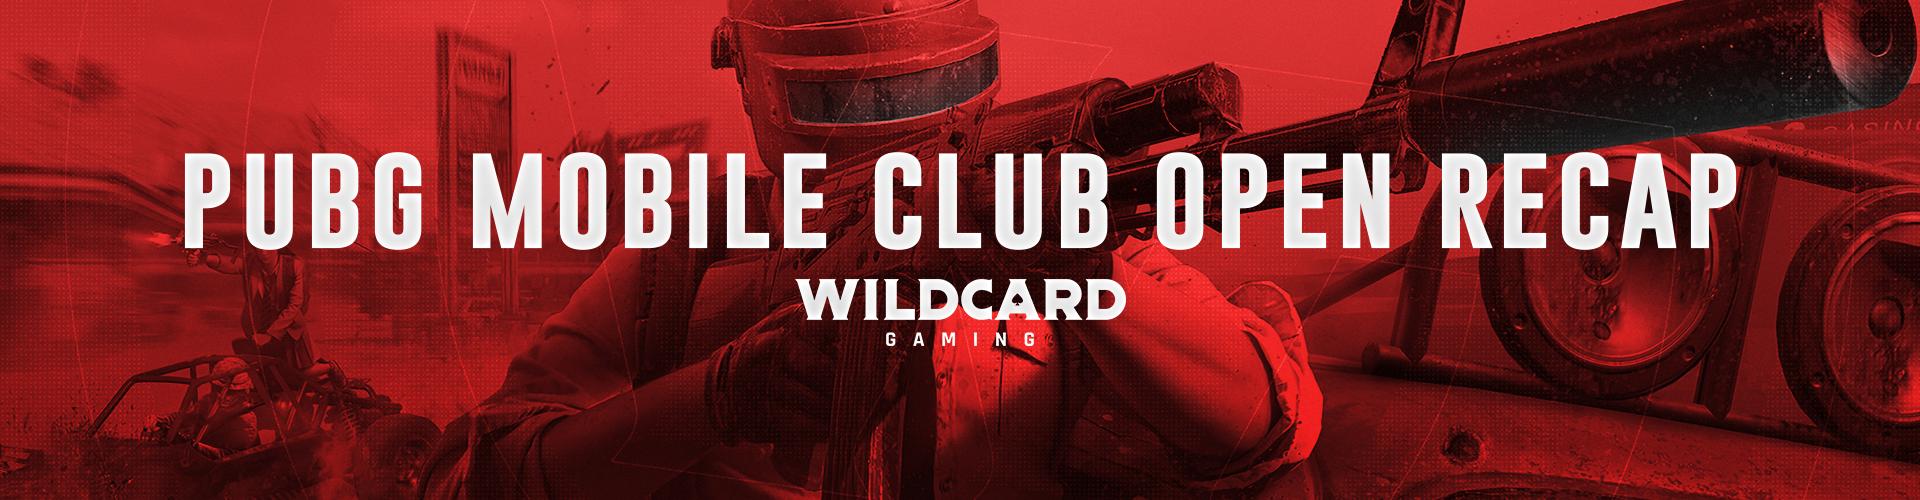 PUBG Mobile Club Open Recap